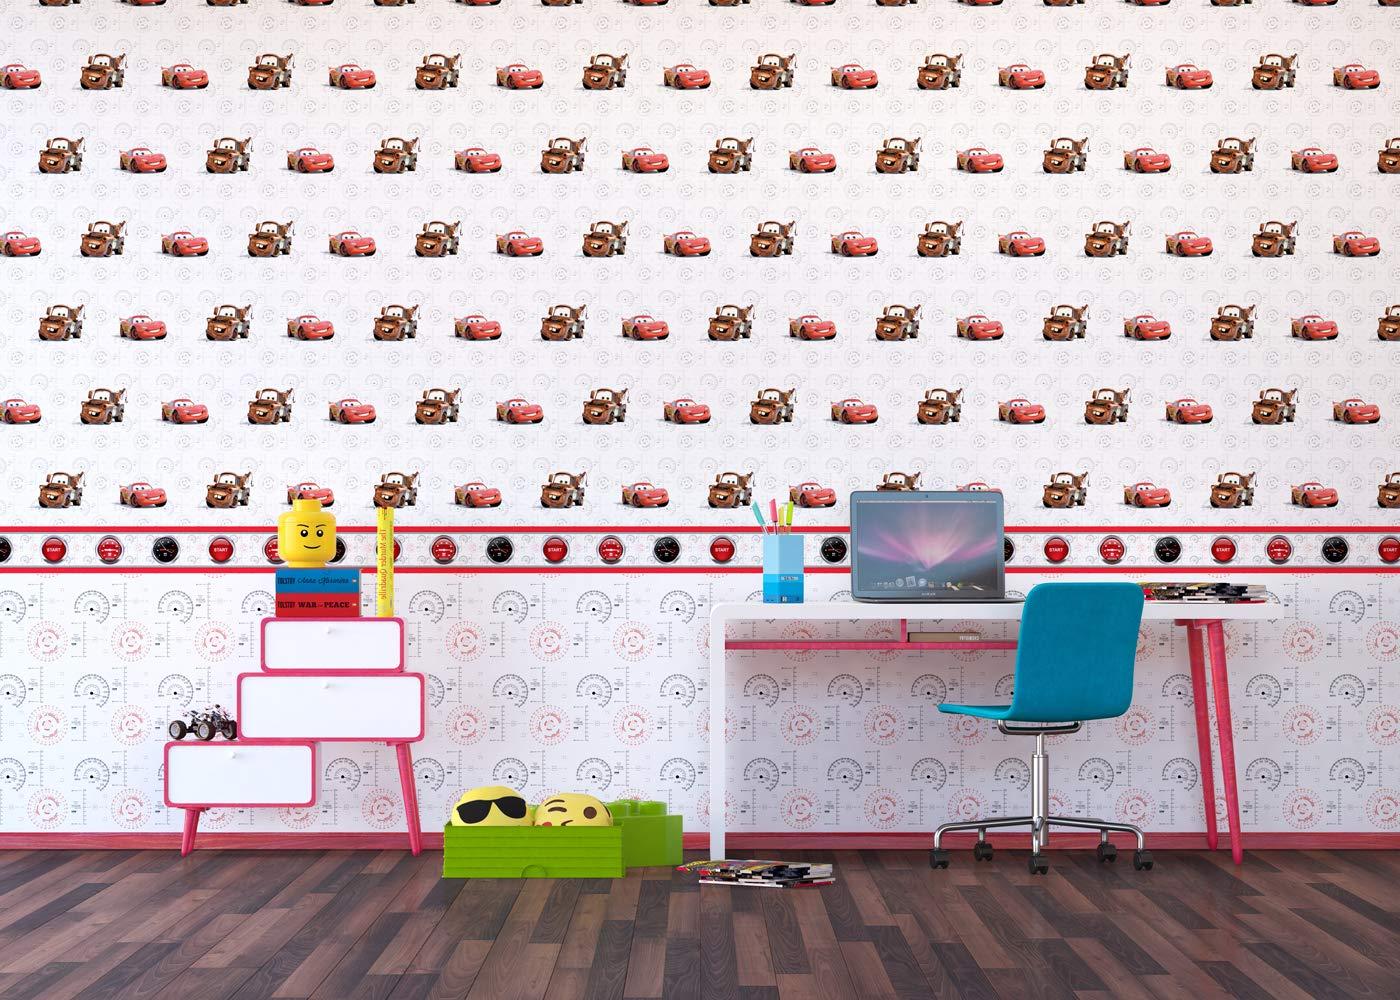 500 x 14 cm AG Design Disney Cars Wand Sticker Selbstklebende Folie Mehrfarbig